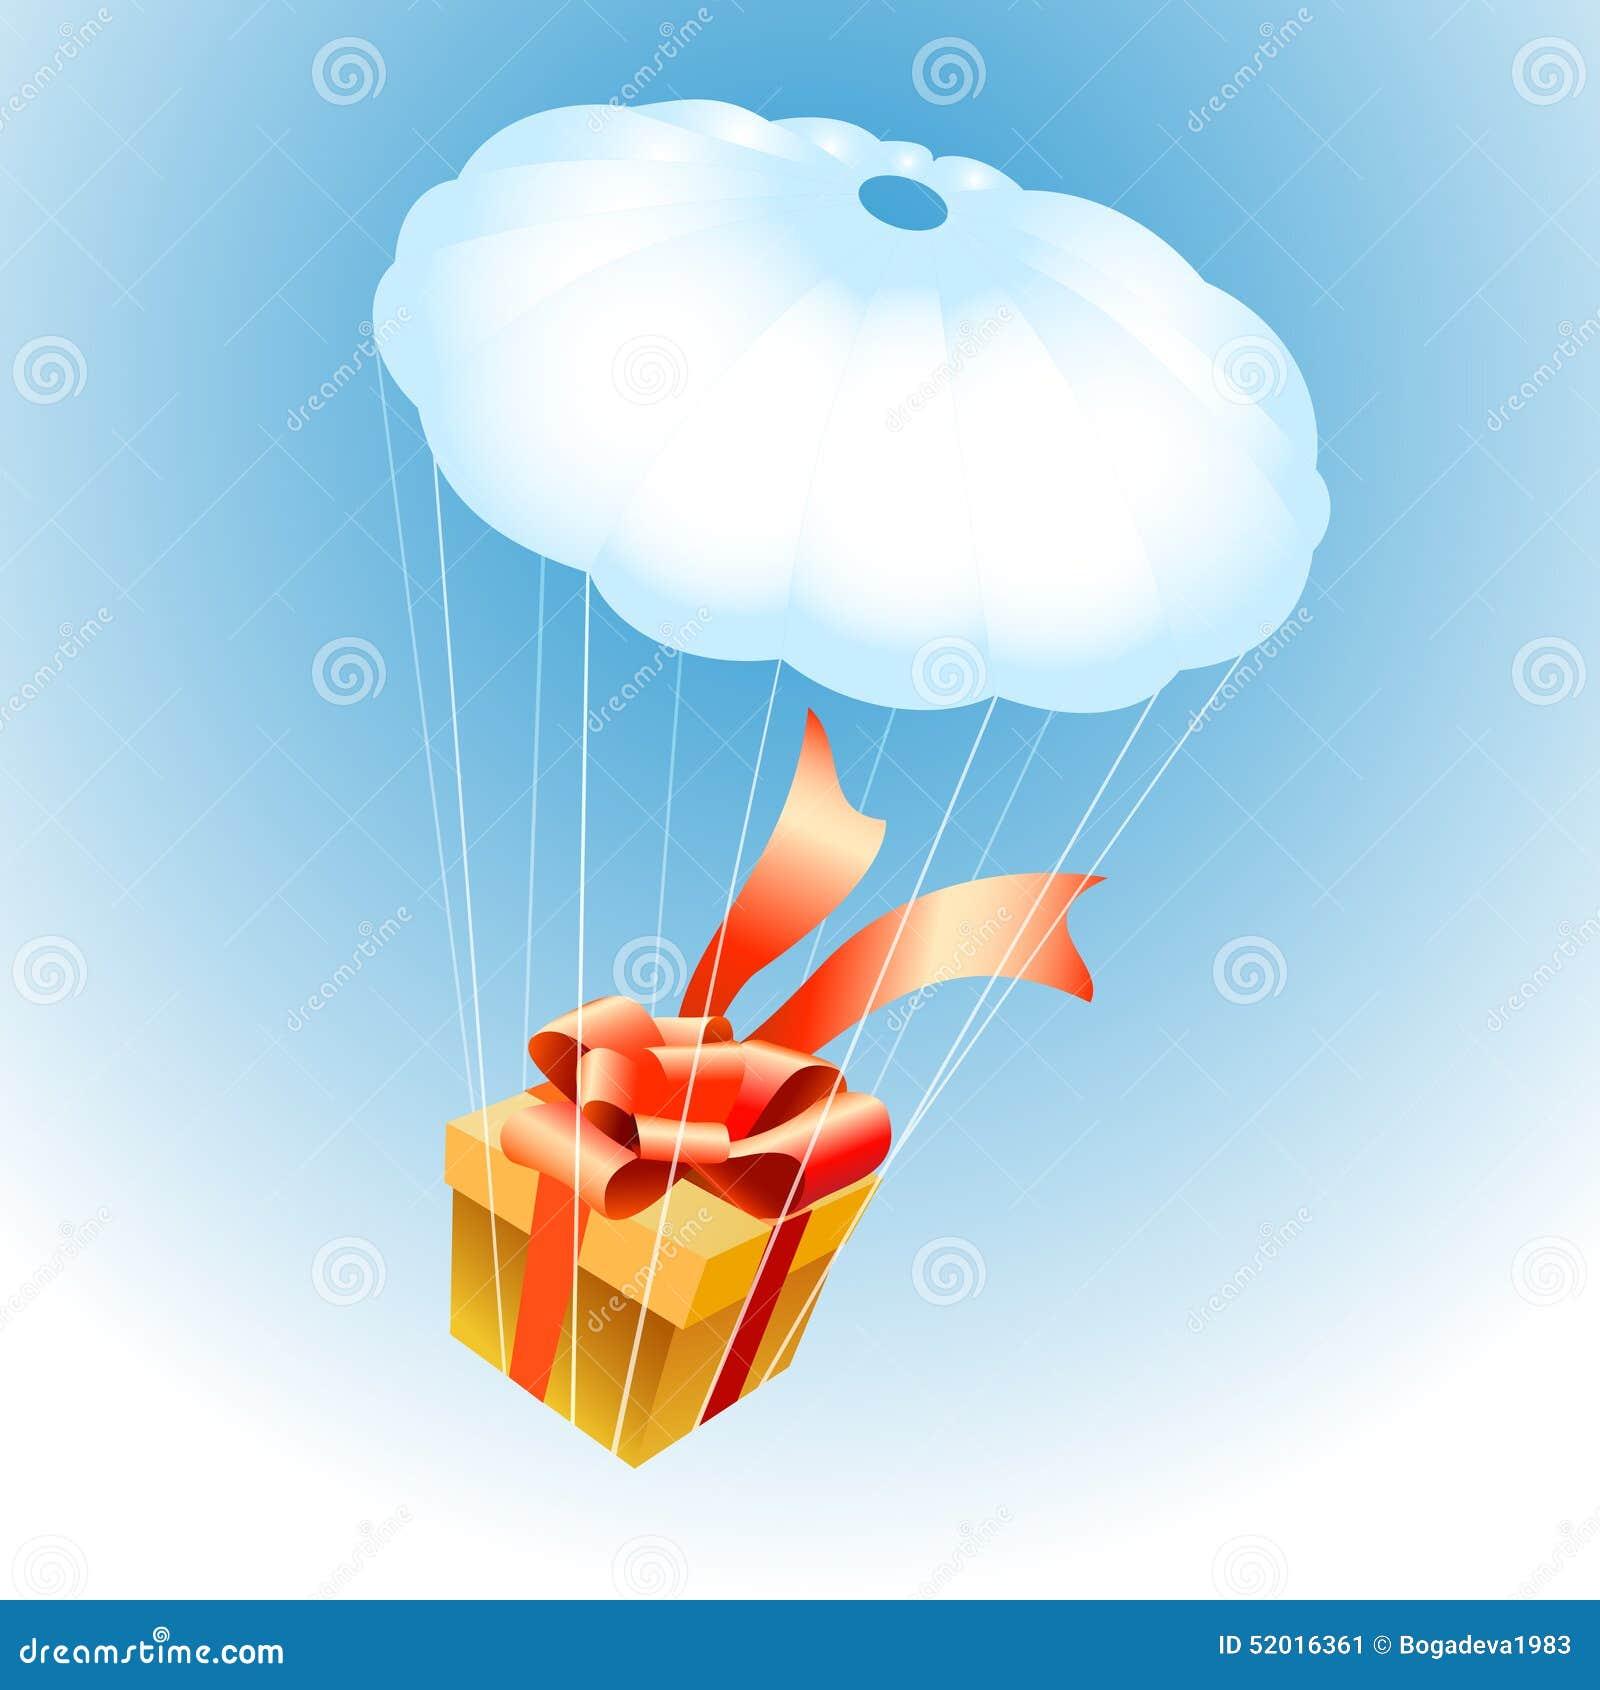 Regalo en el paracaídas ilustración del vector. Ilustración de ...